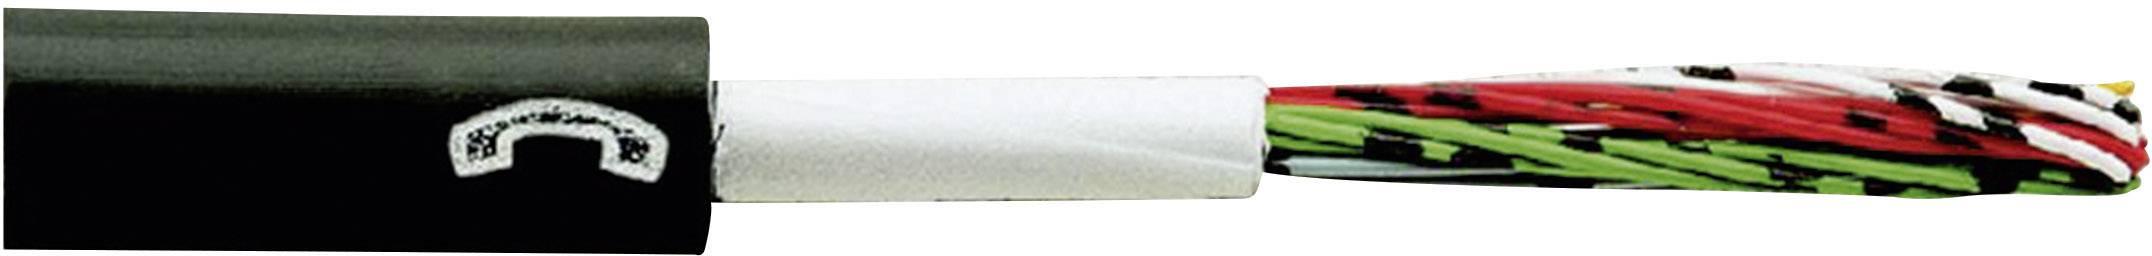 Telefonní kabel Faber Kabel A-2Y(L)2Y (110076), 2 x 2 x 0,8 mm, černá, 1 m